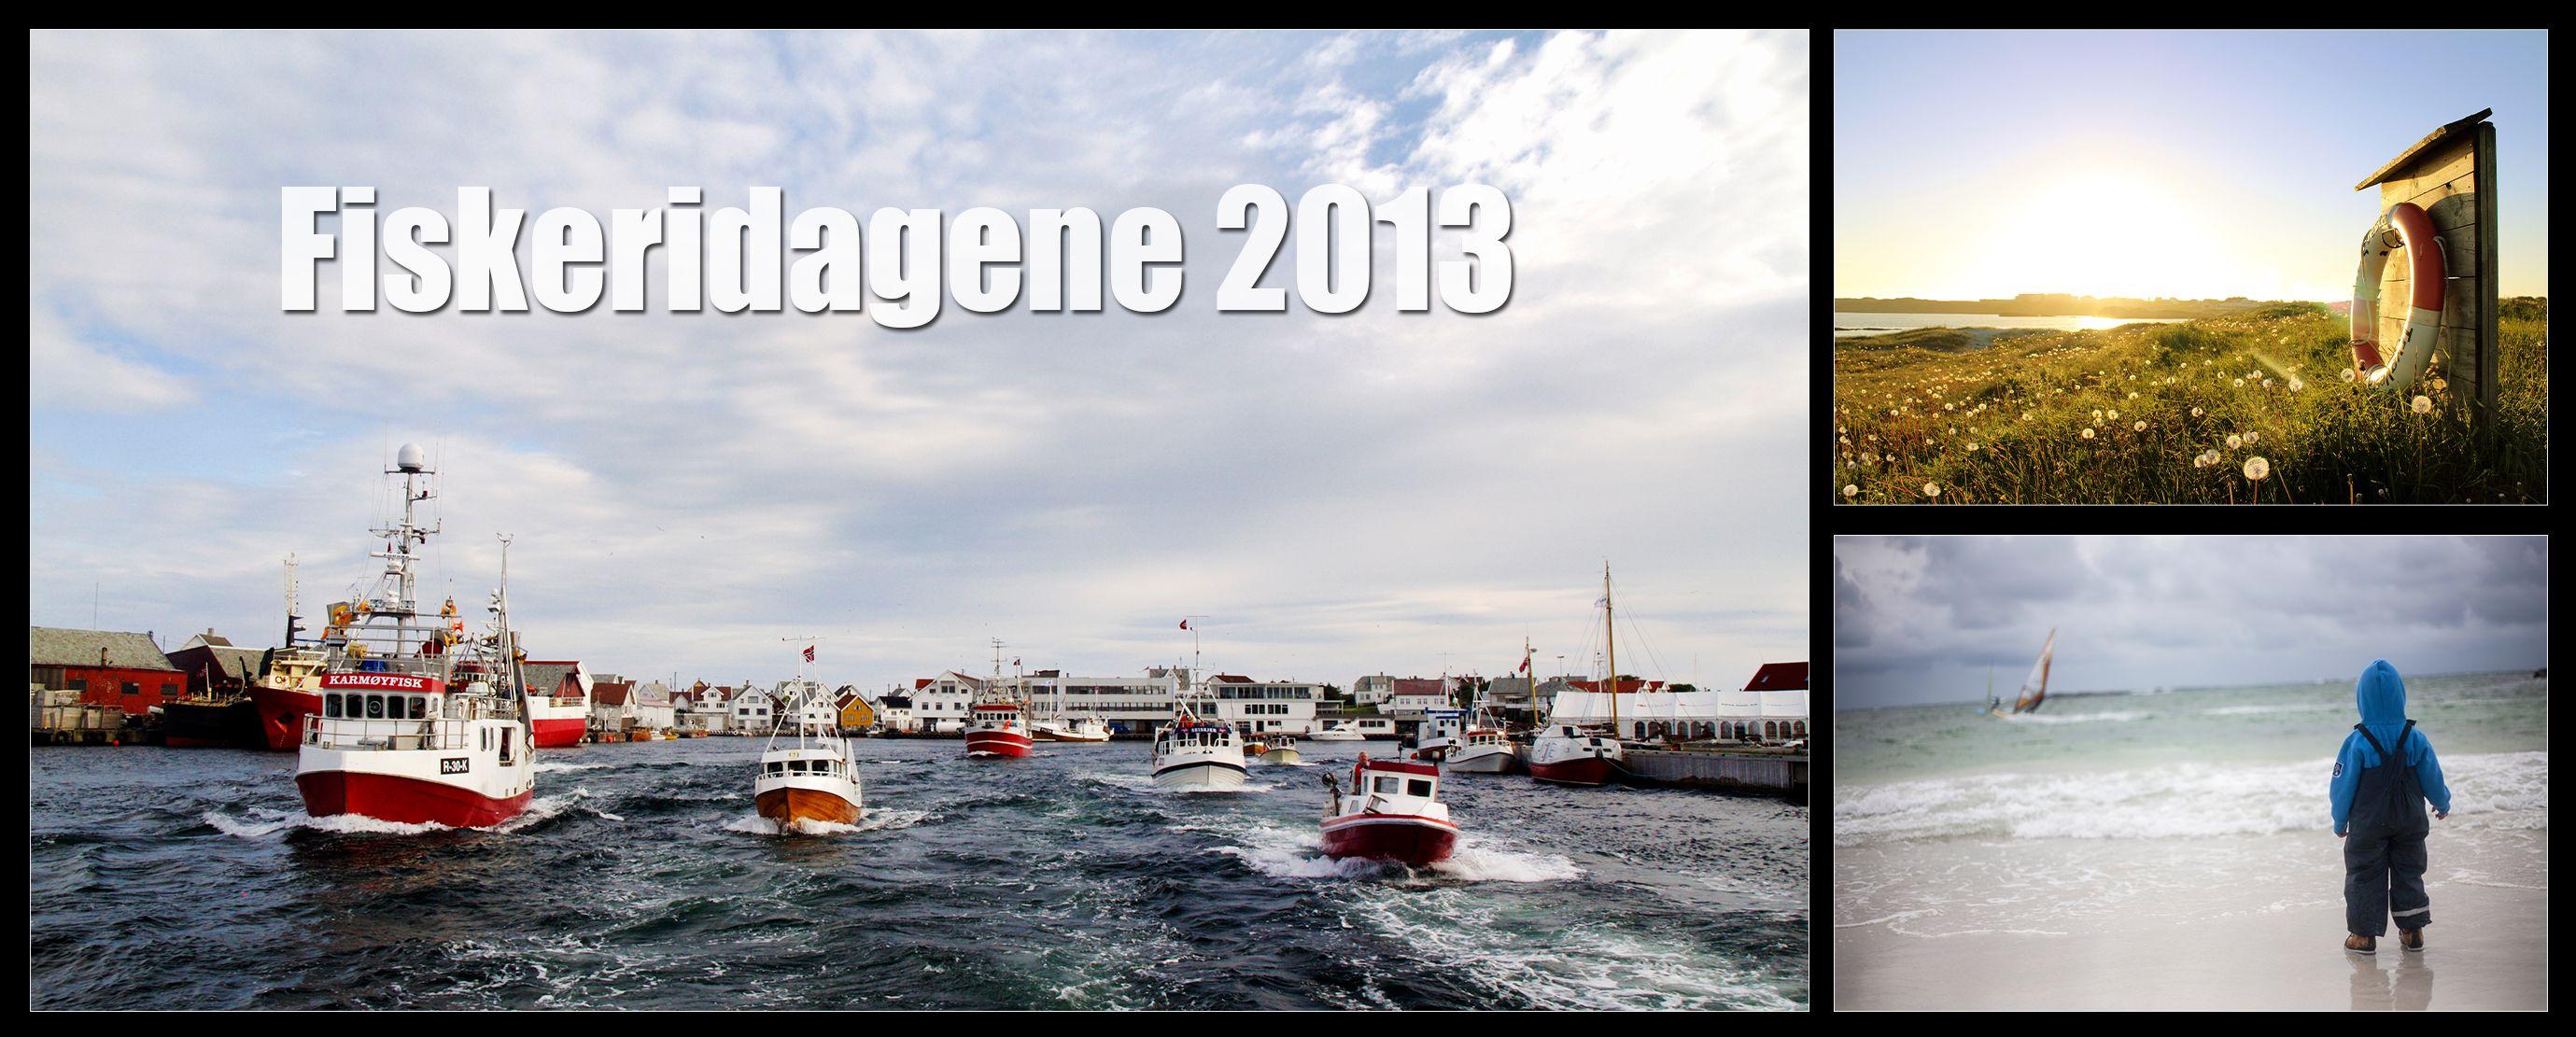 Vi hadde fotokonkurranse for å finne årets motiv til festivalkortet for Fiskeridagene. Takk til bidrag fra: 1: Odd Jostein Fabrin  2: Solgunn Stava Rasmussen  3: Kjell Eirik Jakobsen